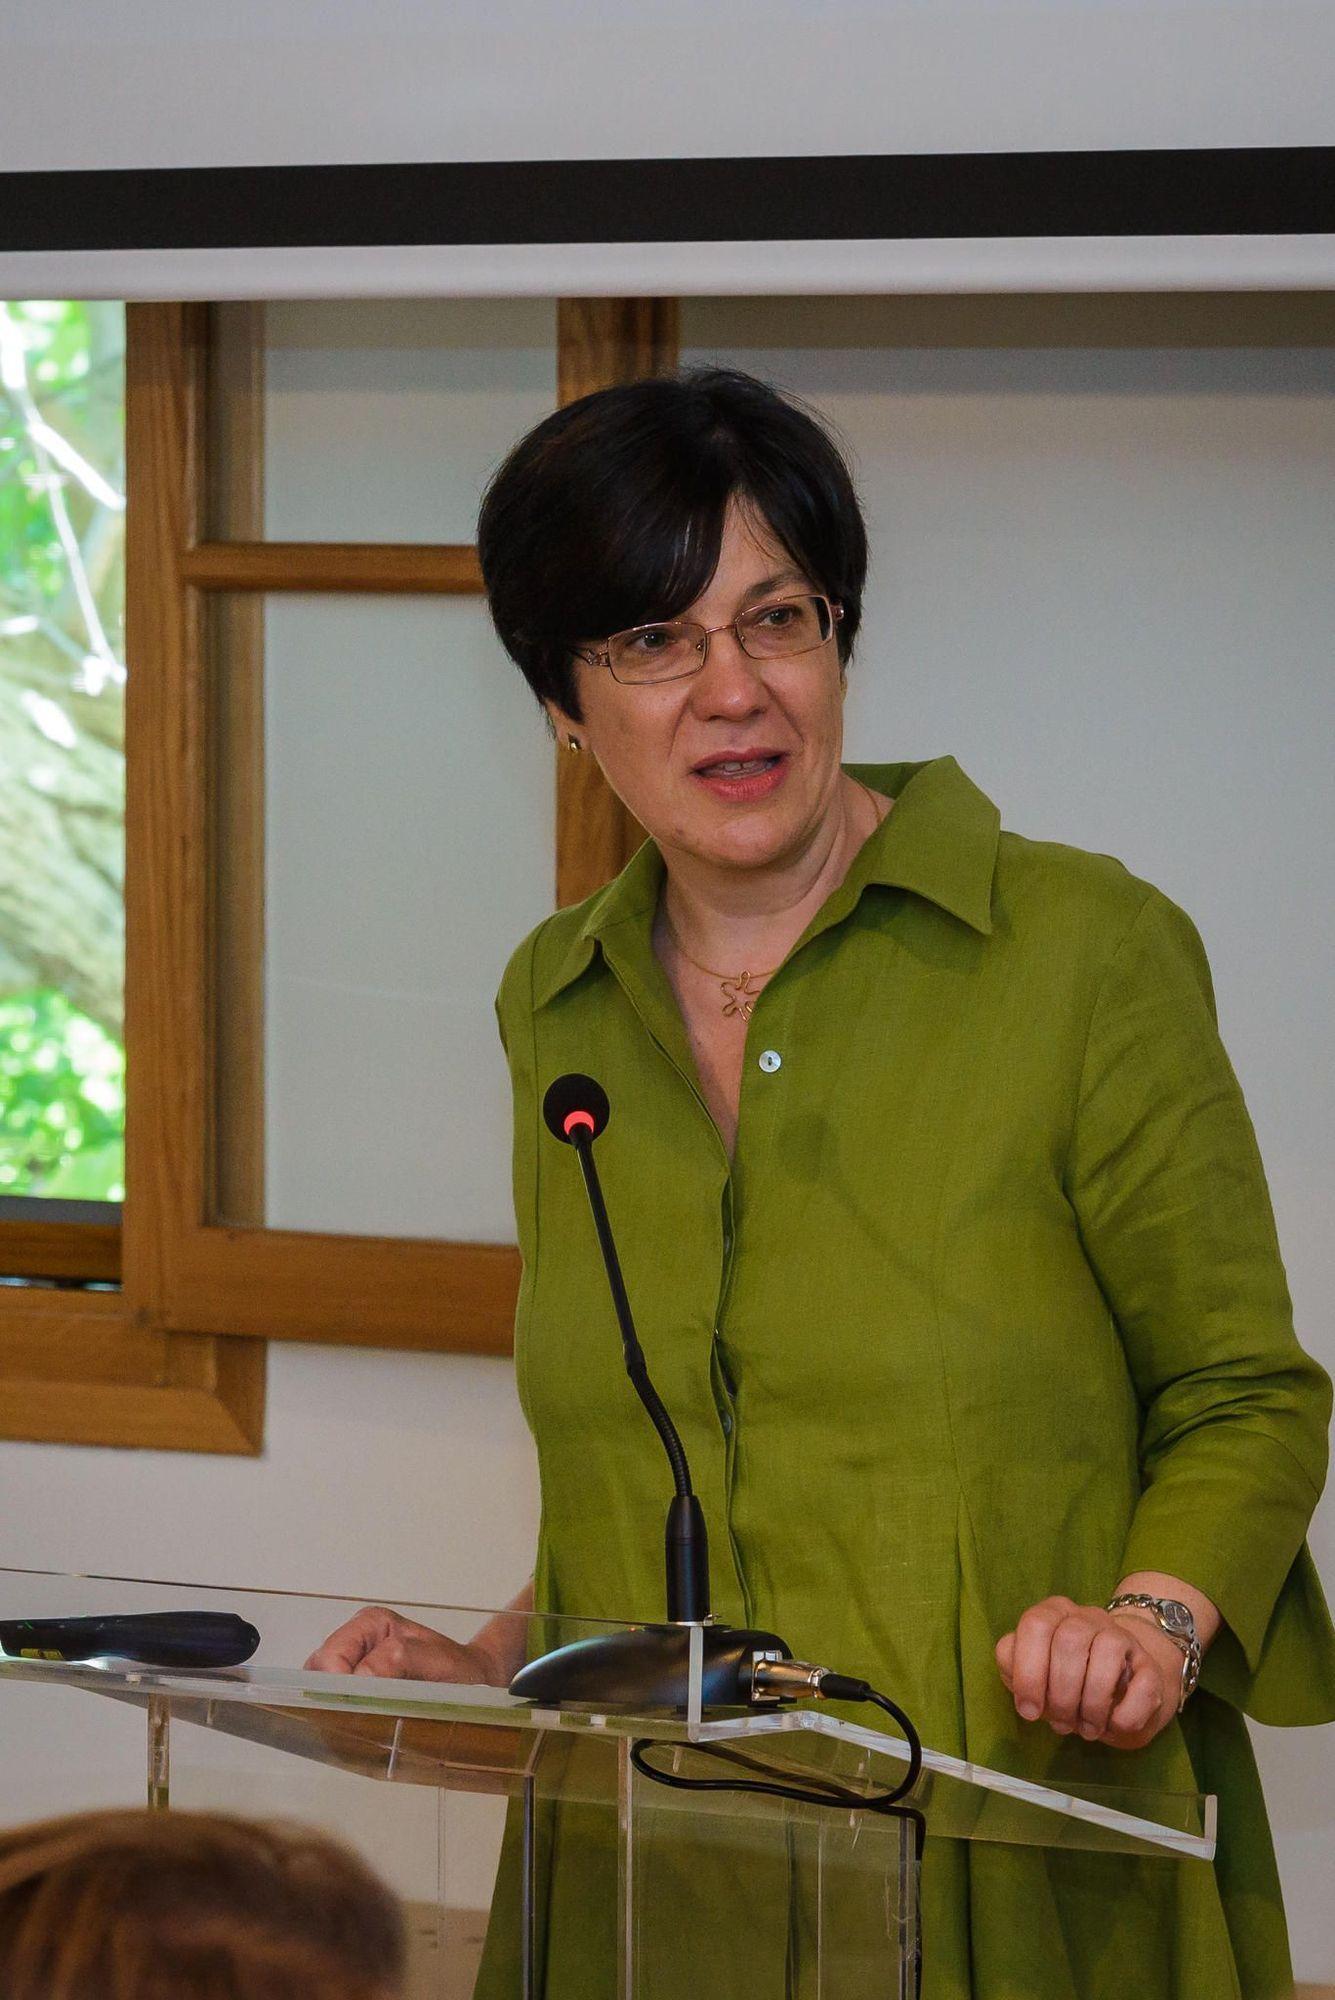 Η Πρόεδρος του Ελληνικού Τμήματος ICOM, κ. Αλεξάνδρα Μπούνια.